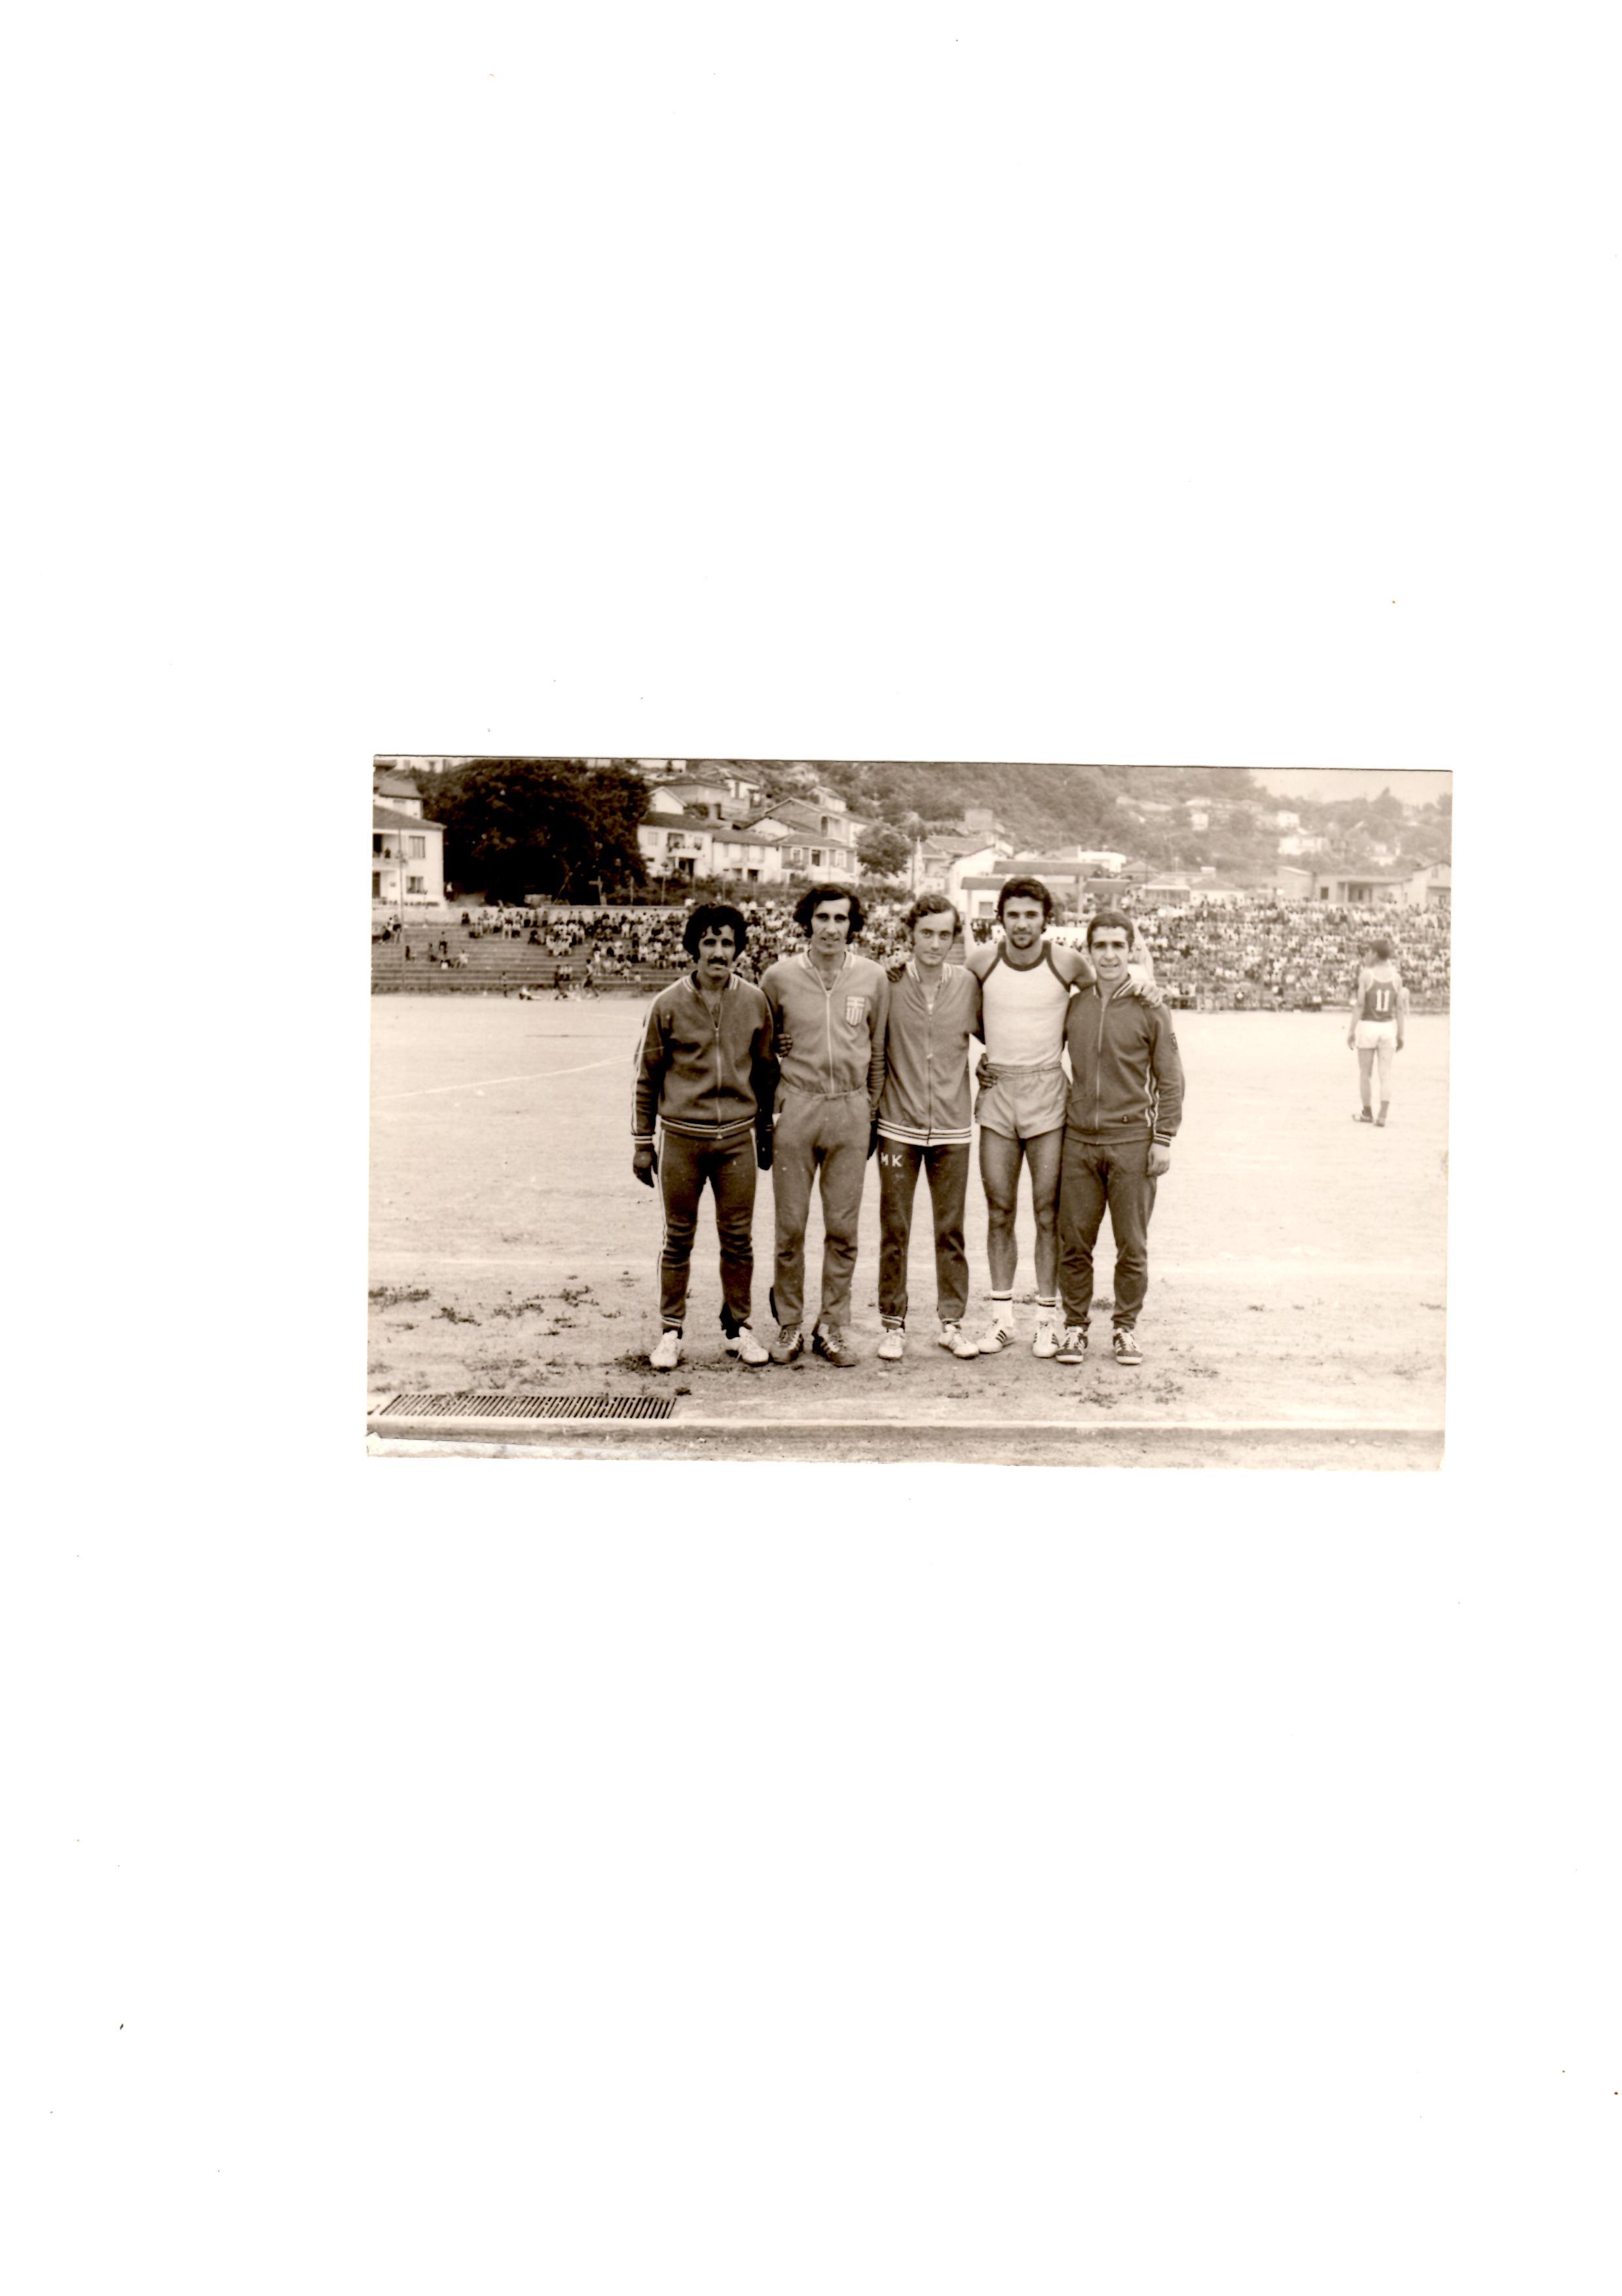 1972..Με Παγκαλο, Χαμουριωτακη, Κυριακιδη και τον αειμνιστο Σ.Κονα (ΦΑΣ Ναουσα), σε αγωνα ανωμ δρομο